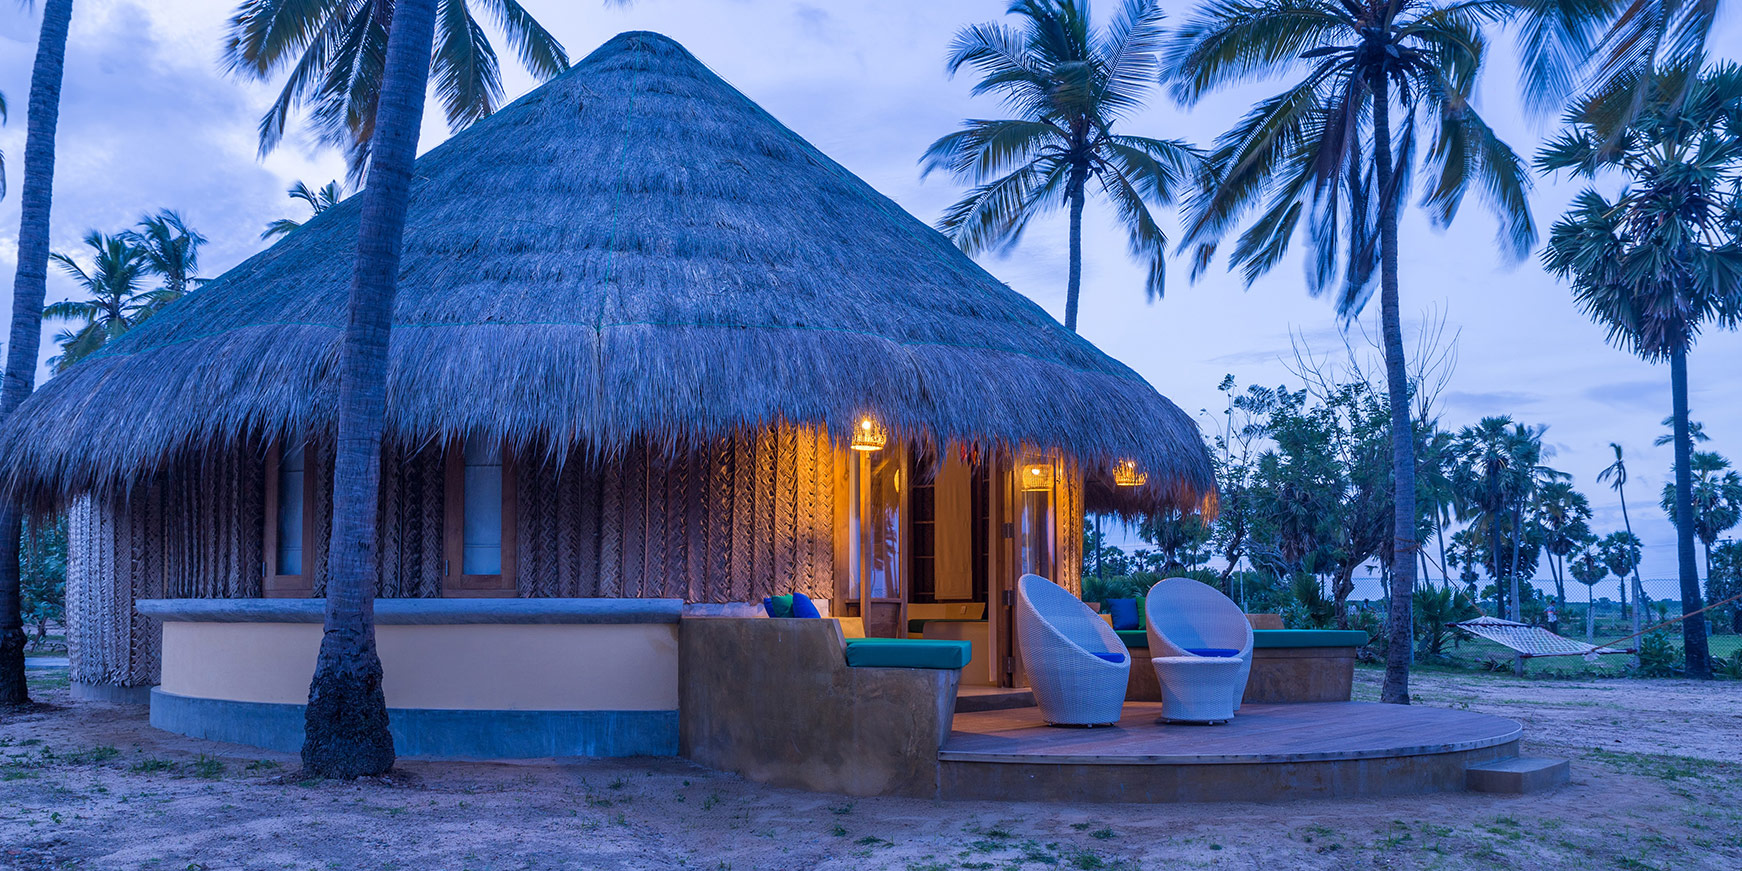 Cabana view exterior